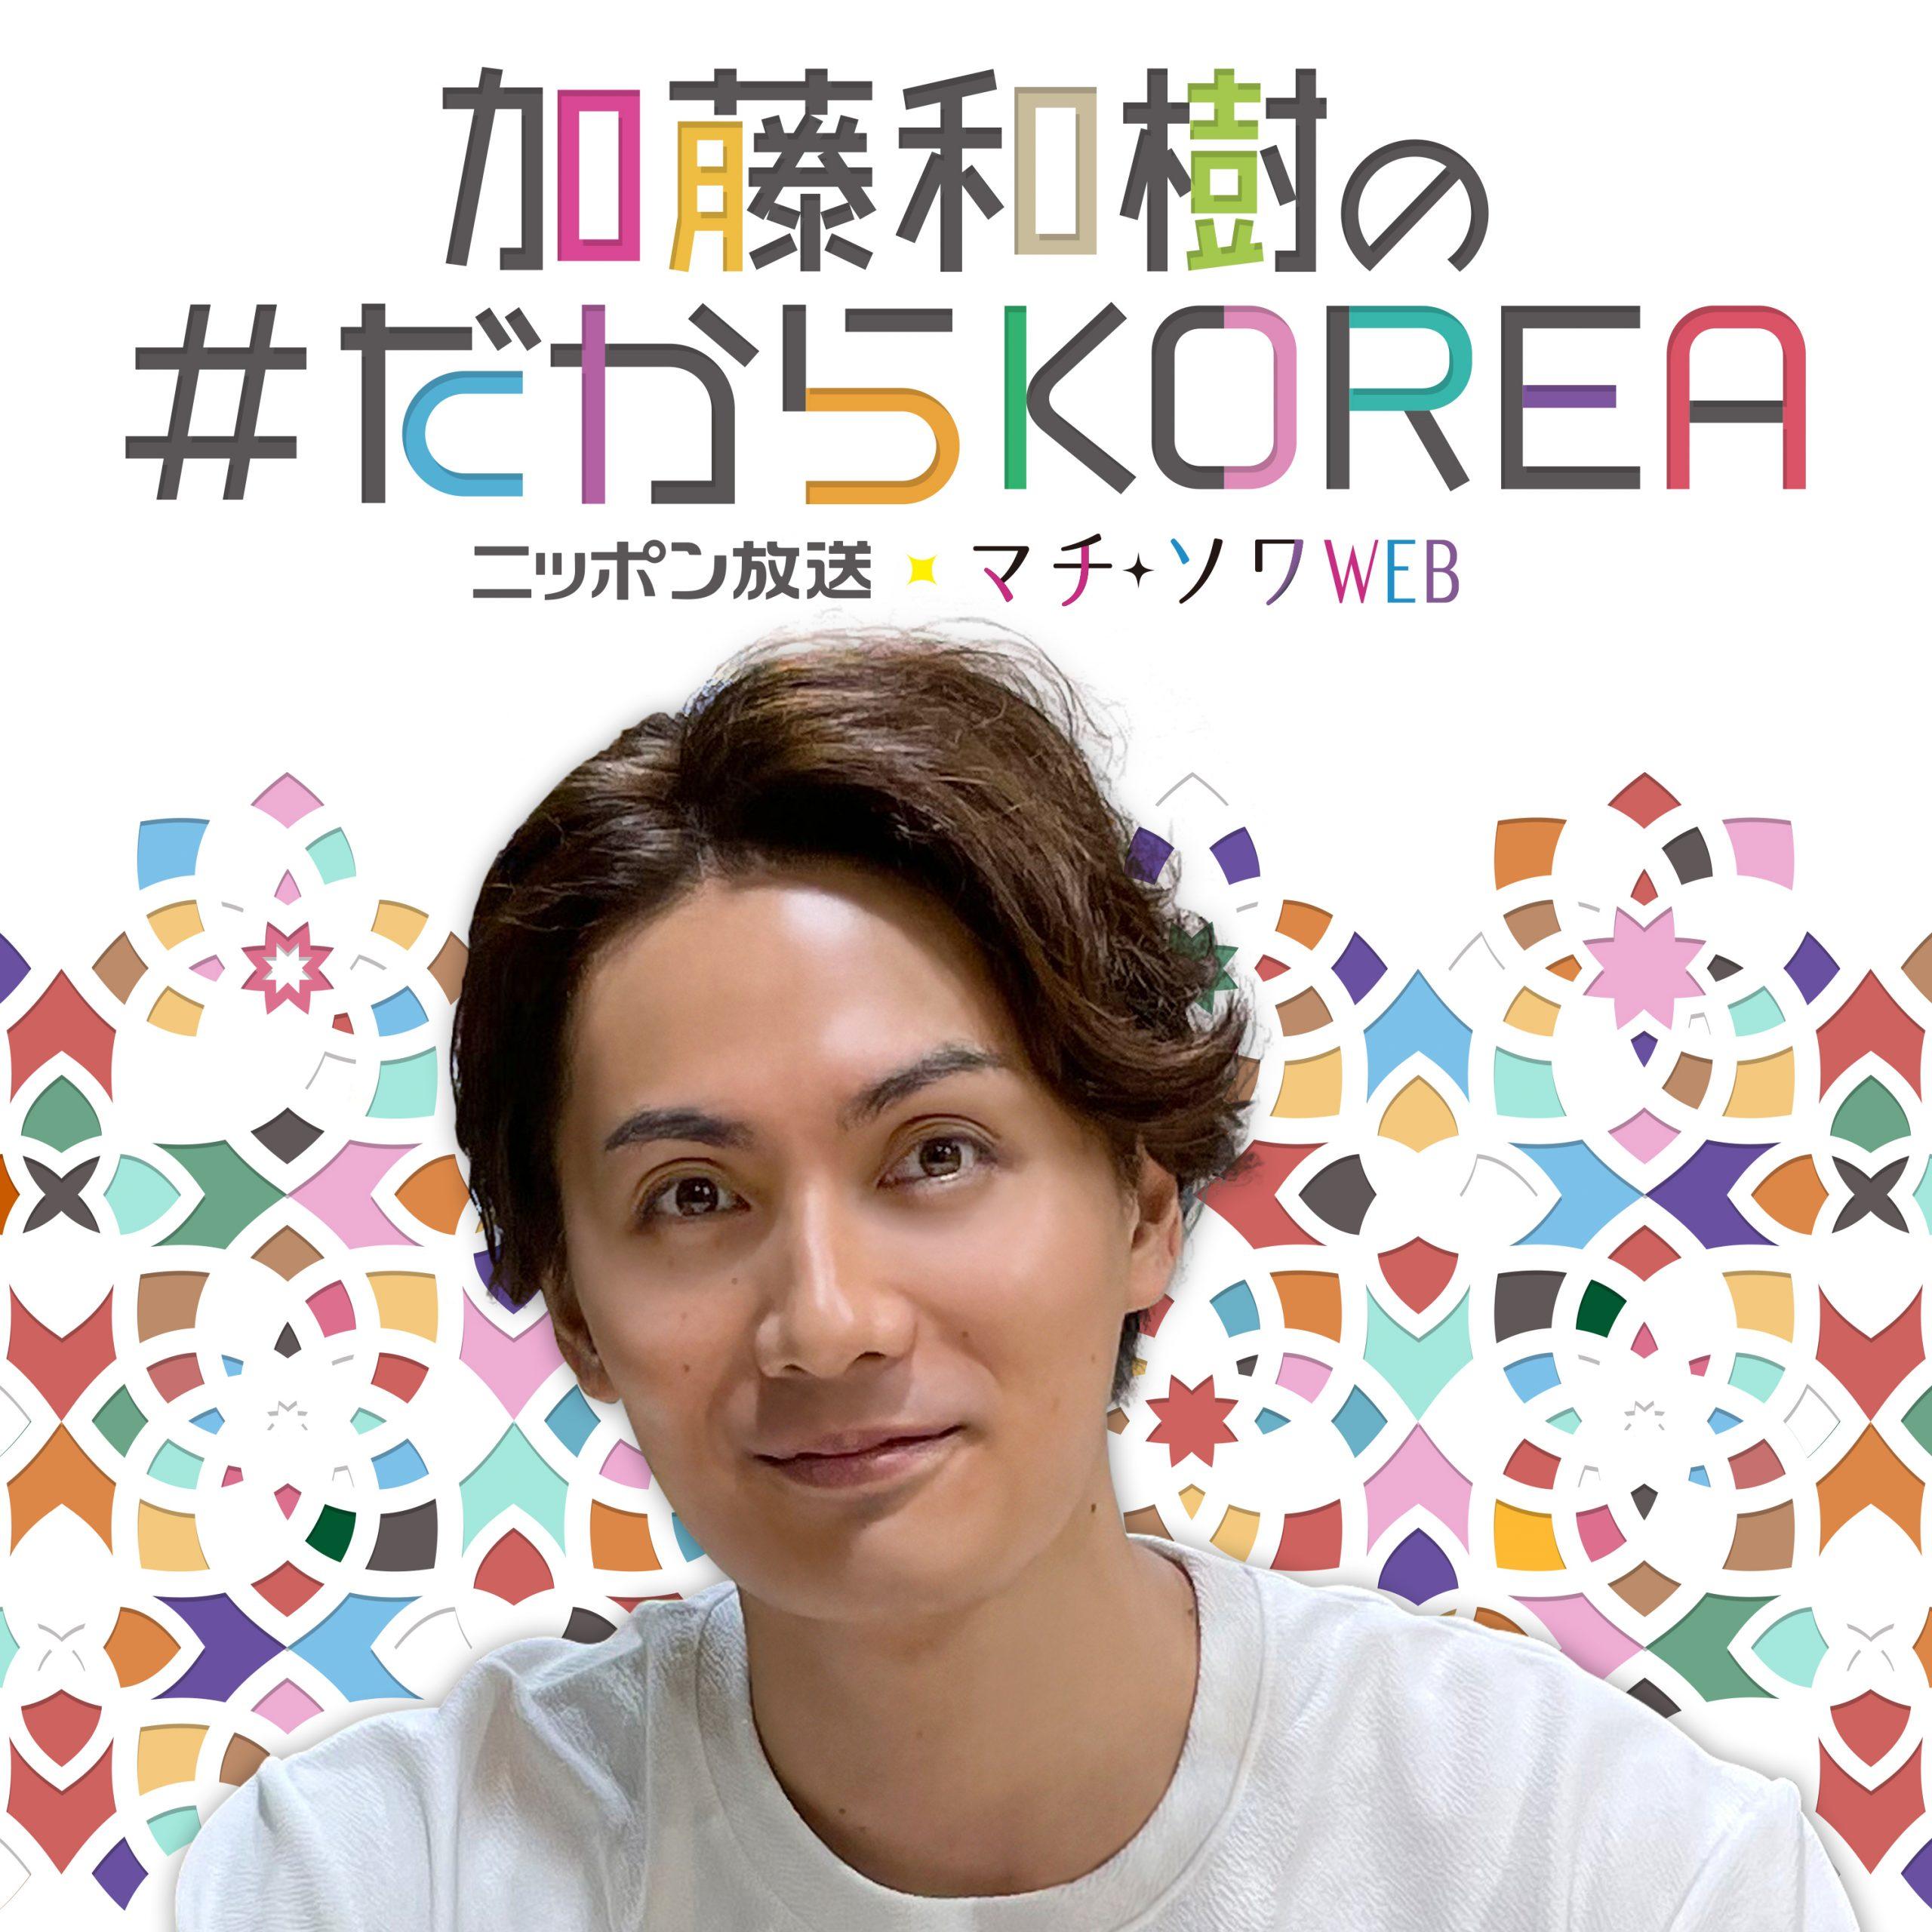 ニッポン放送×マチ★ソワWEB  「加藤和樹の#だからKOREA」